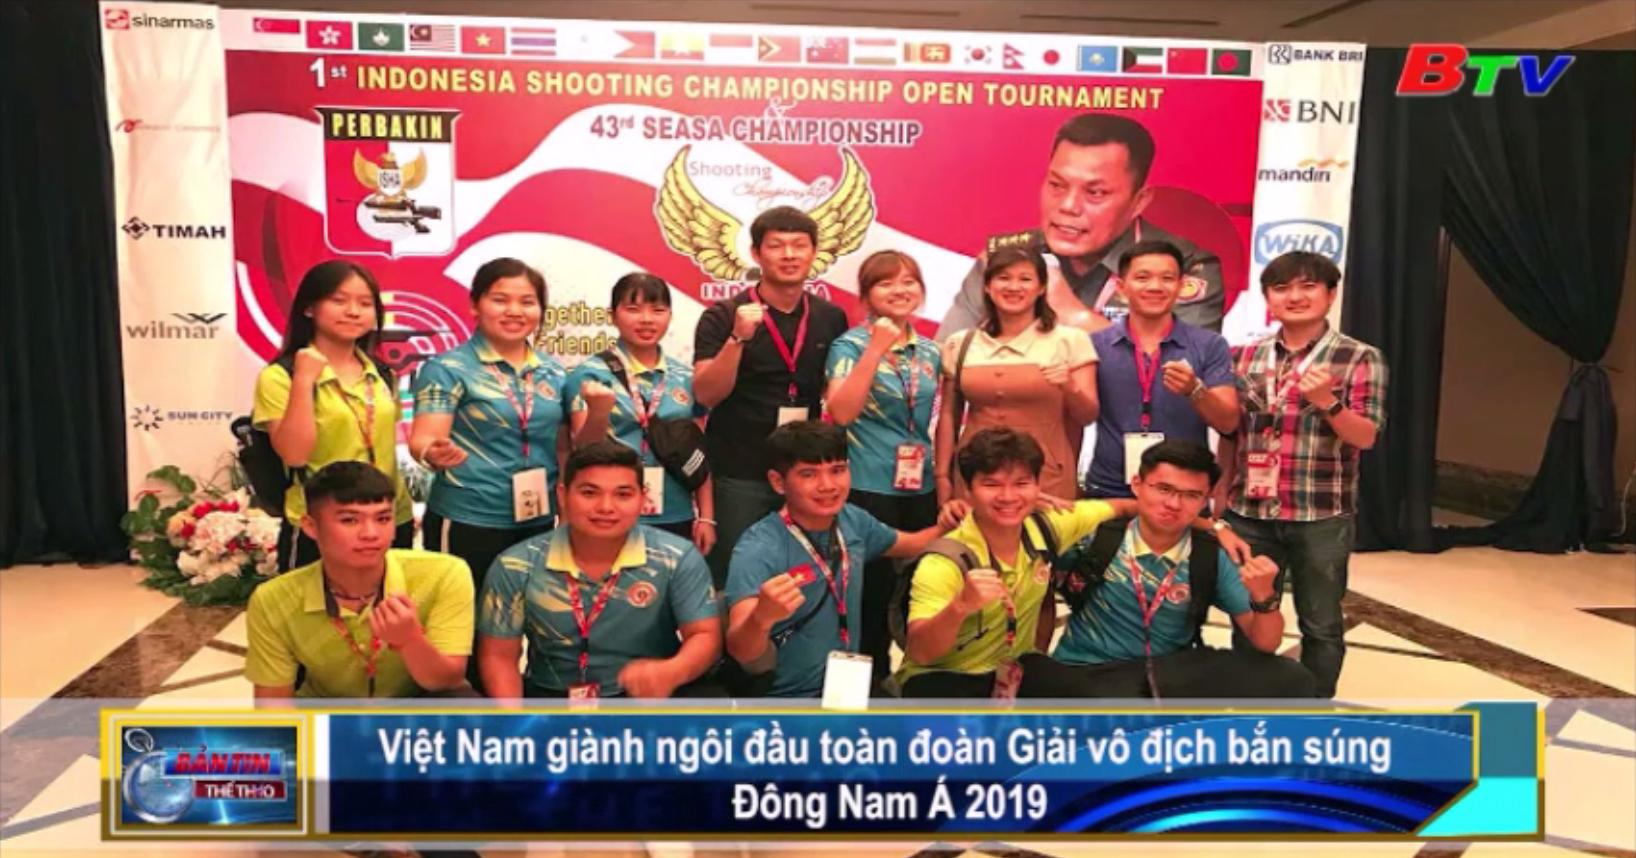 Việt Nam giành ngôi đầu toàn đoàn Giải vô địch bắn súng Đông Nam Á 2019